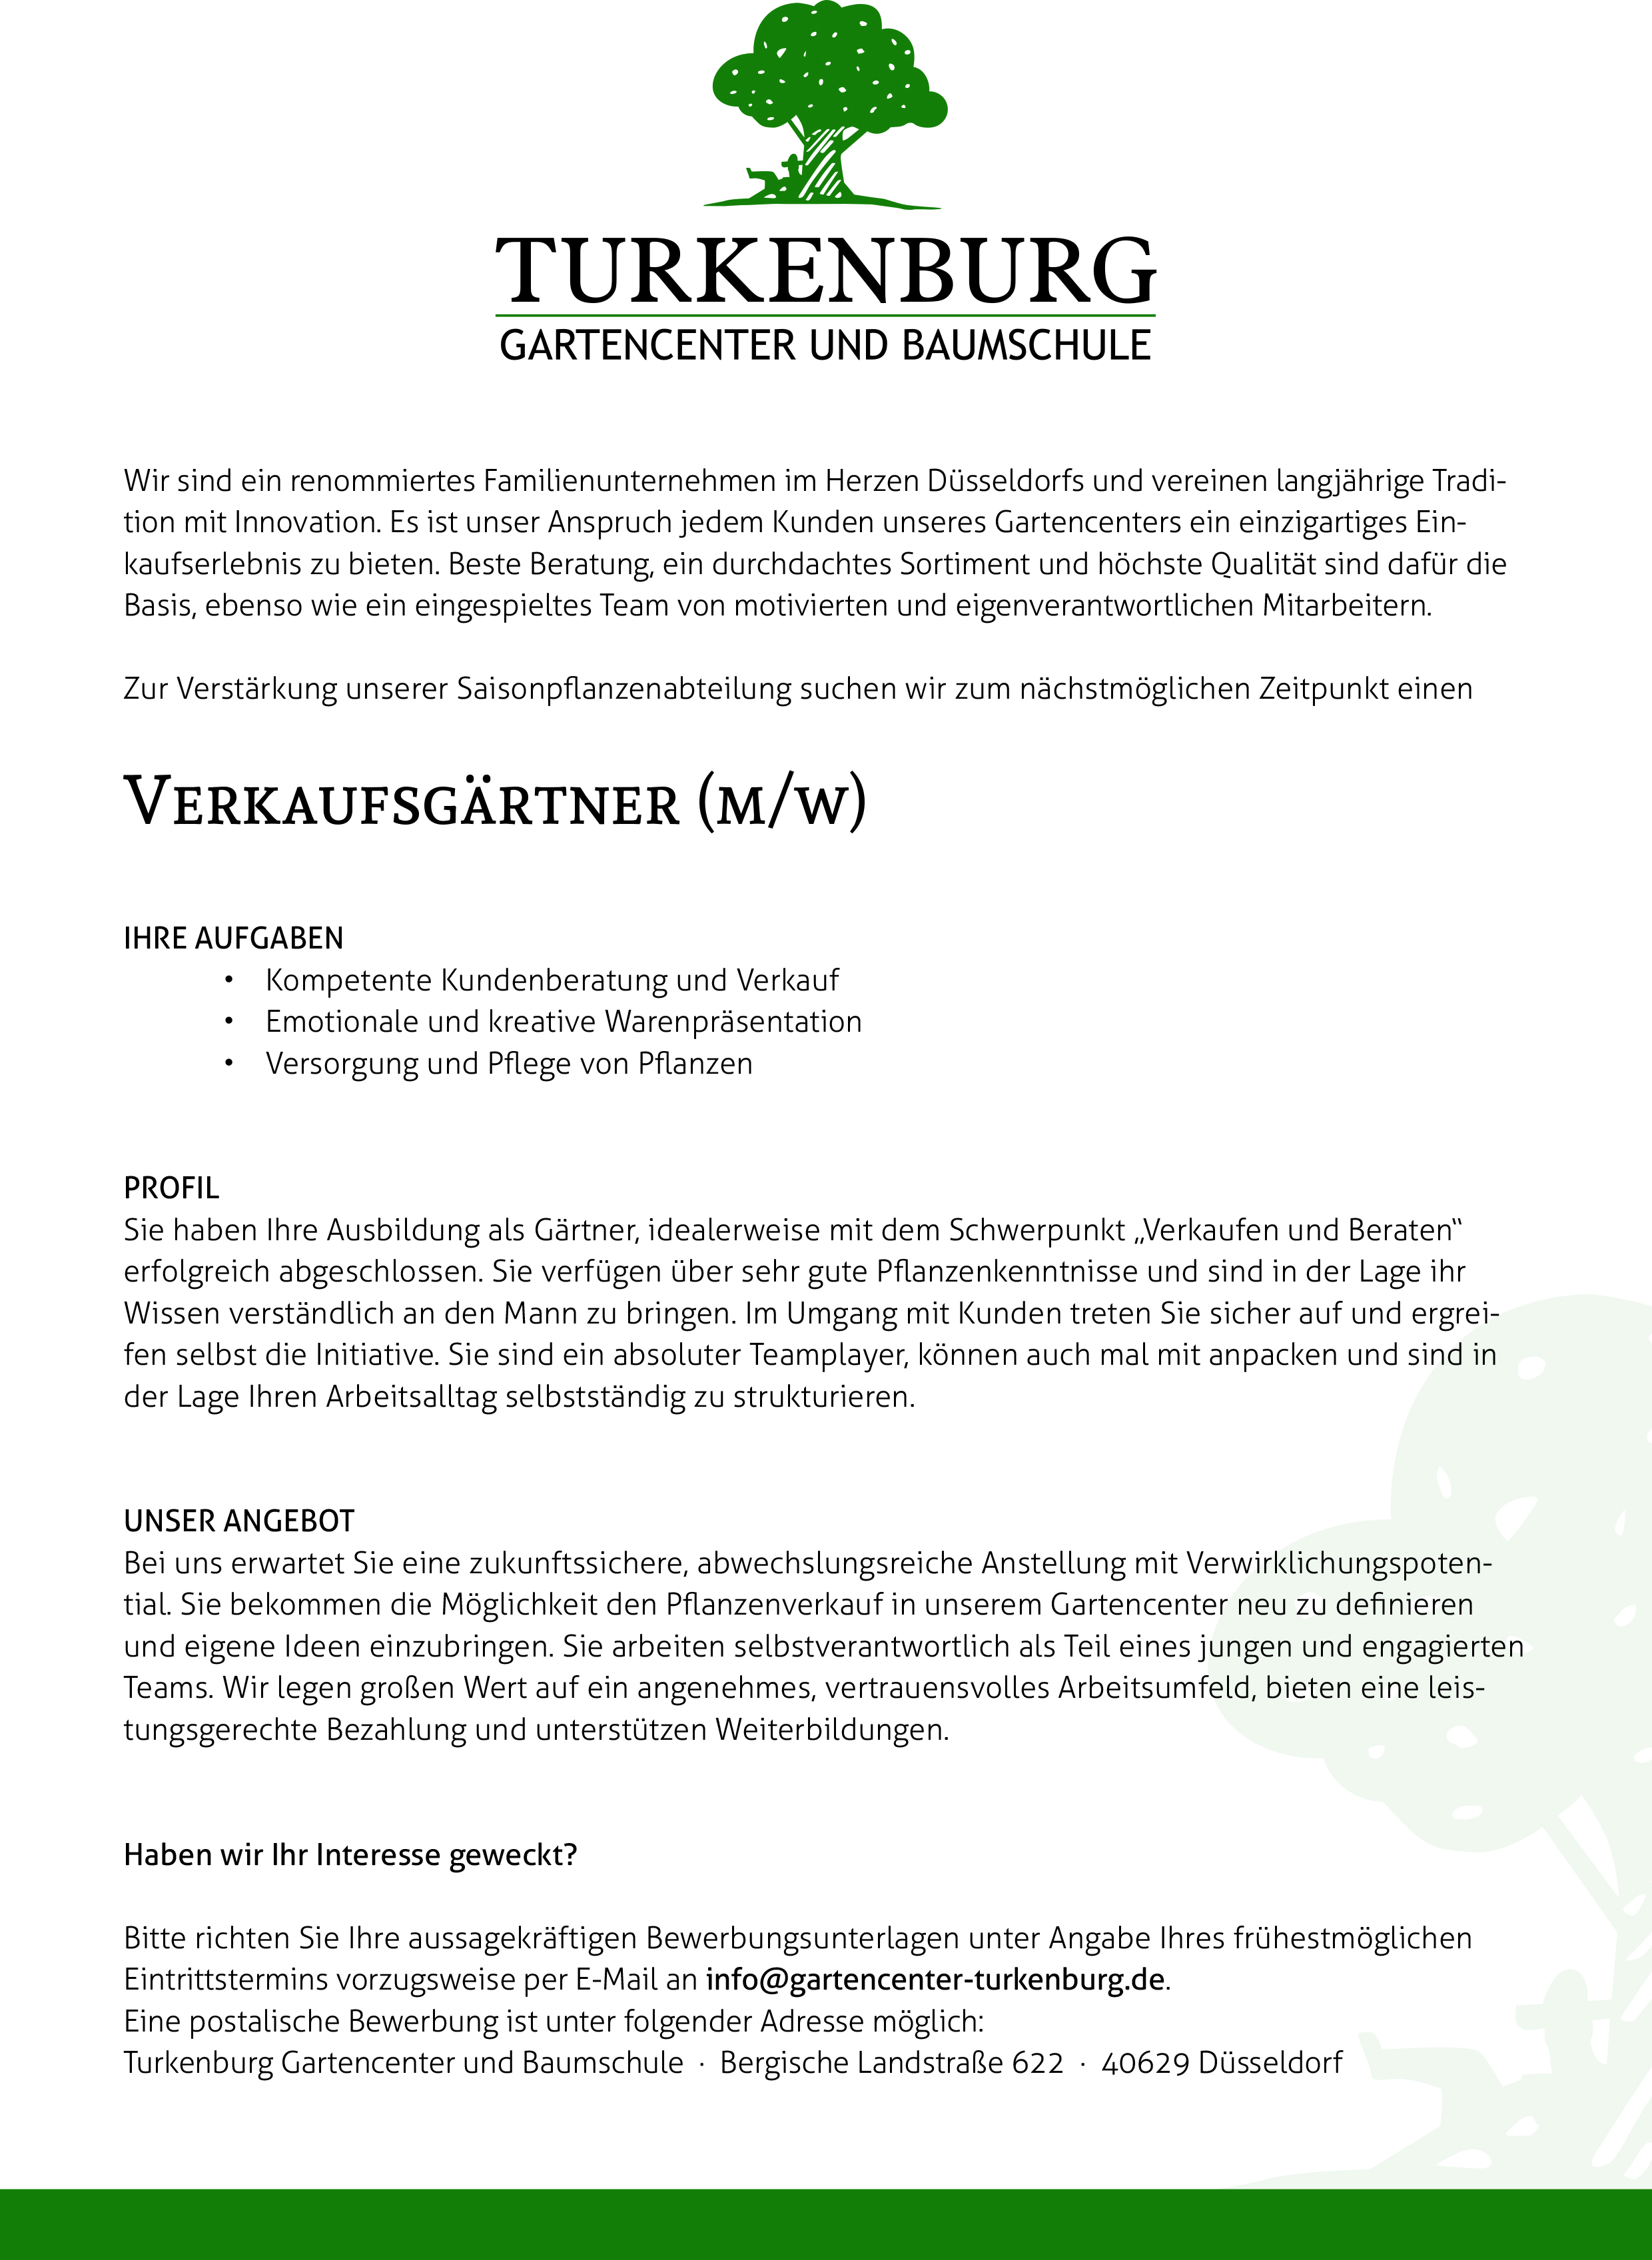 170807_Stellenanzeige_01.indd